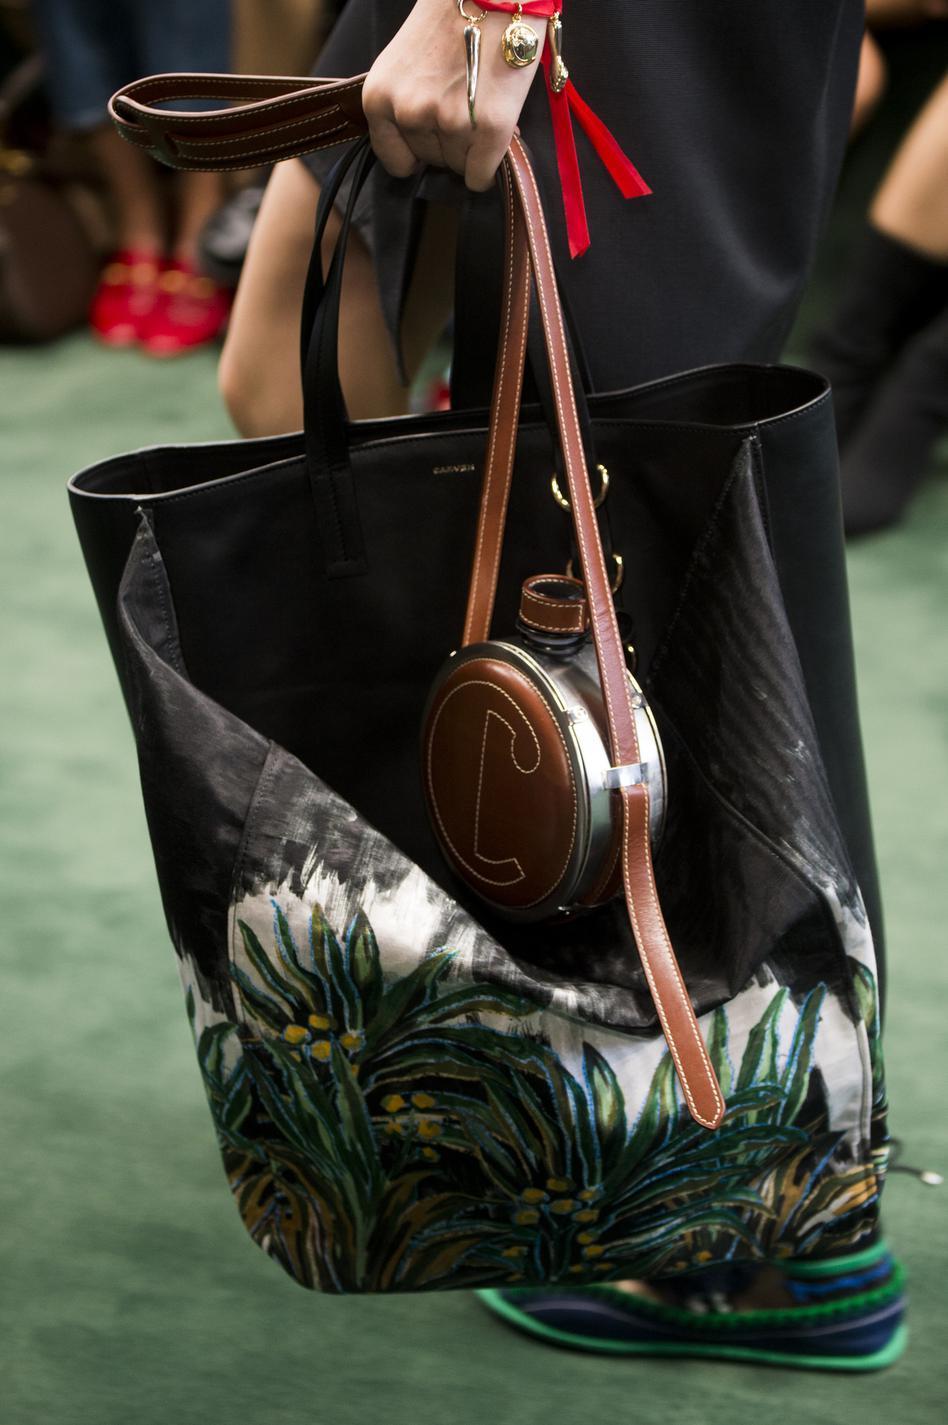 sacs  souliers  solaires    les accessoires printemps- u00e9t u00e9 2018 que l u0026 39 on veut d u00e9j u00e0